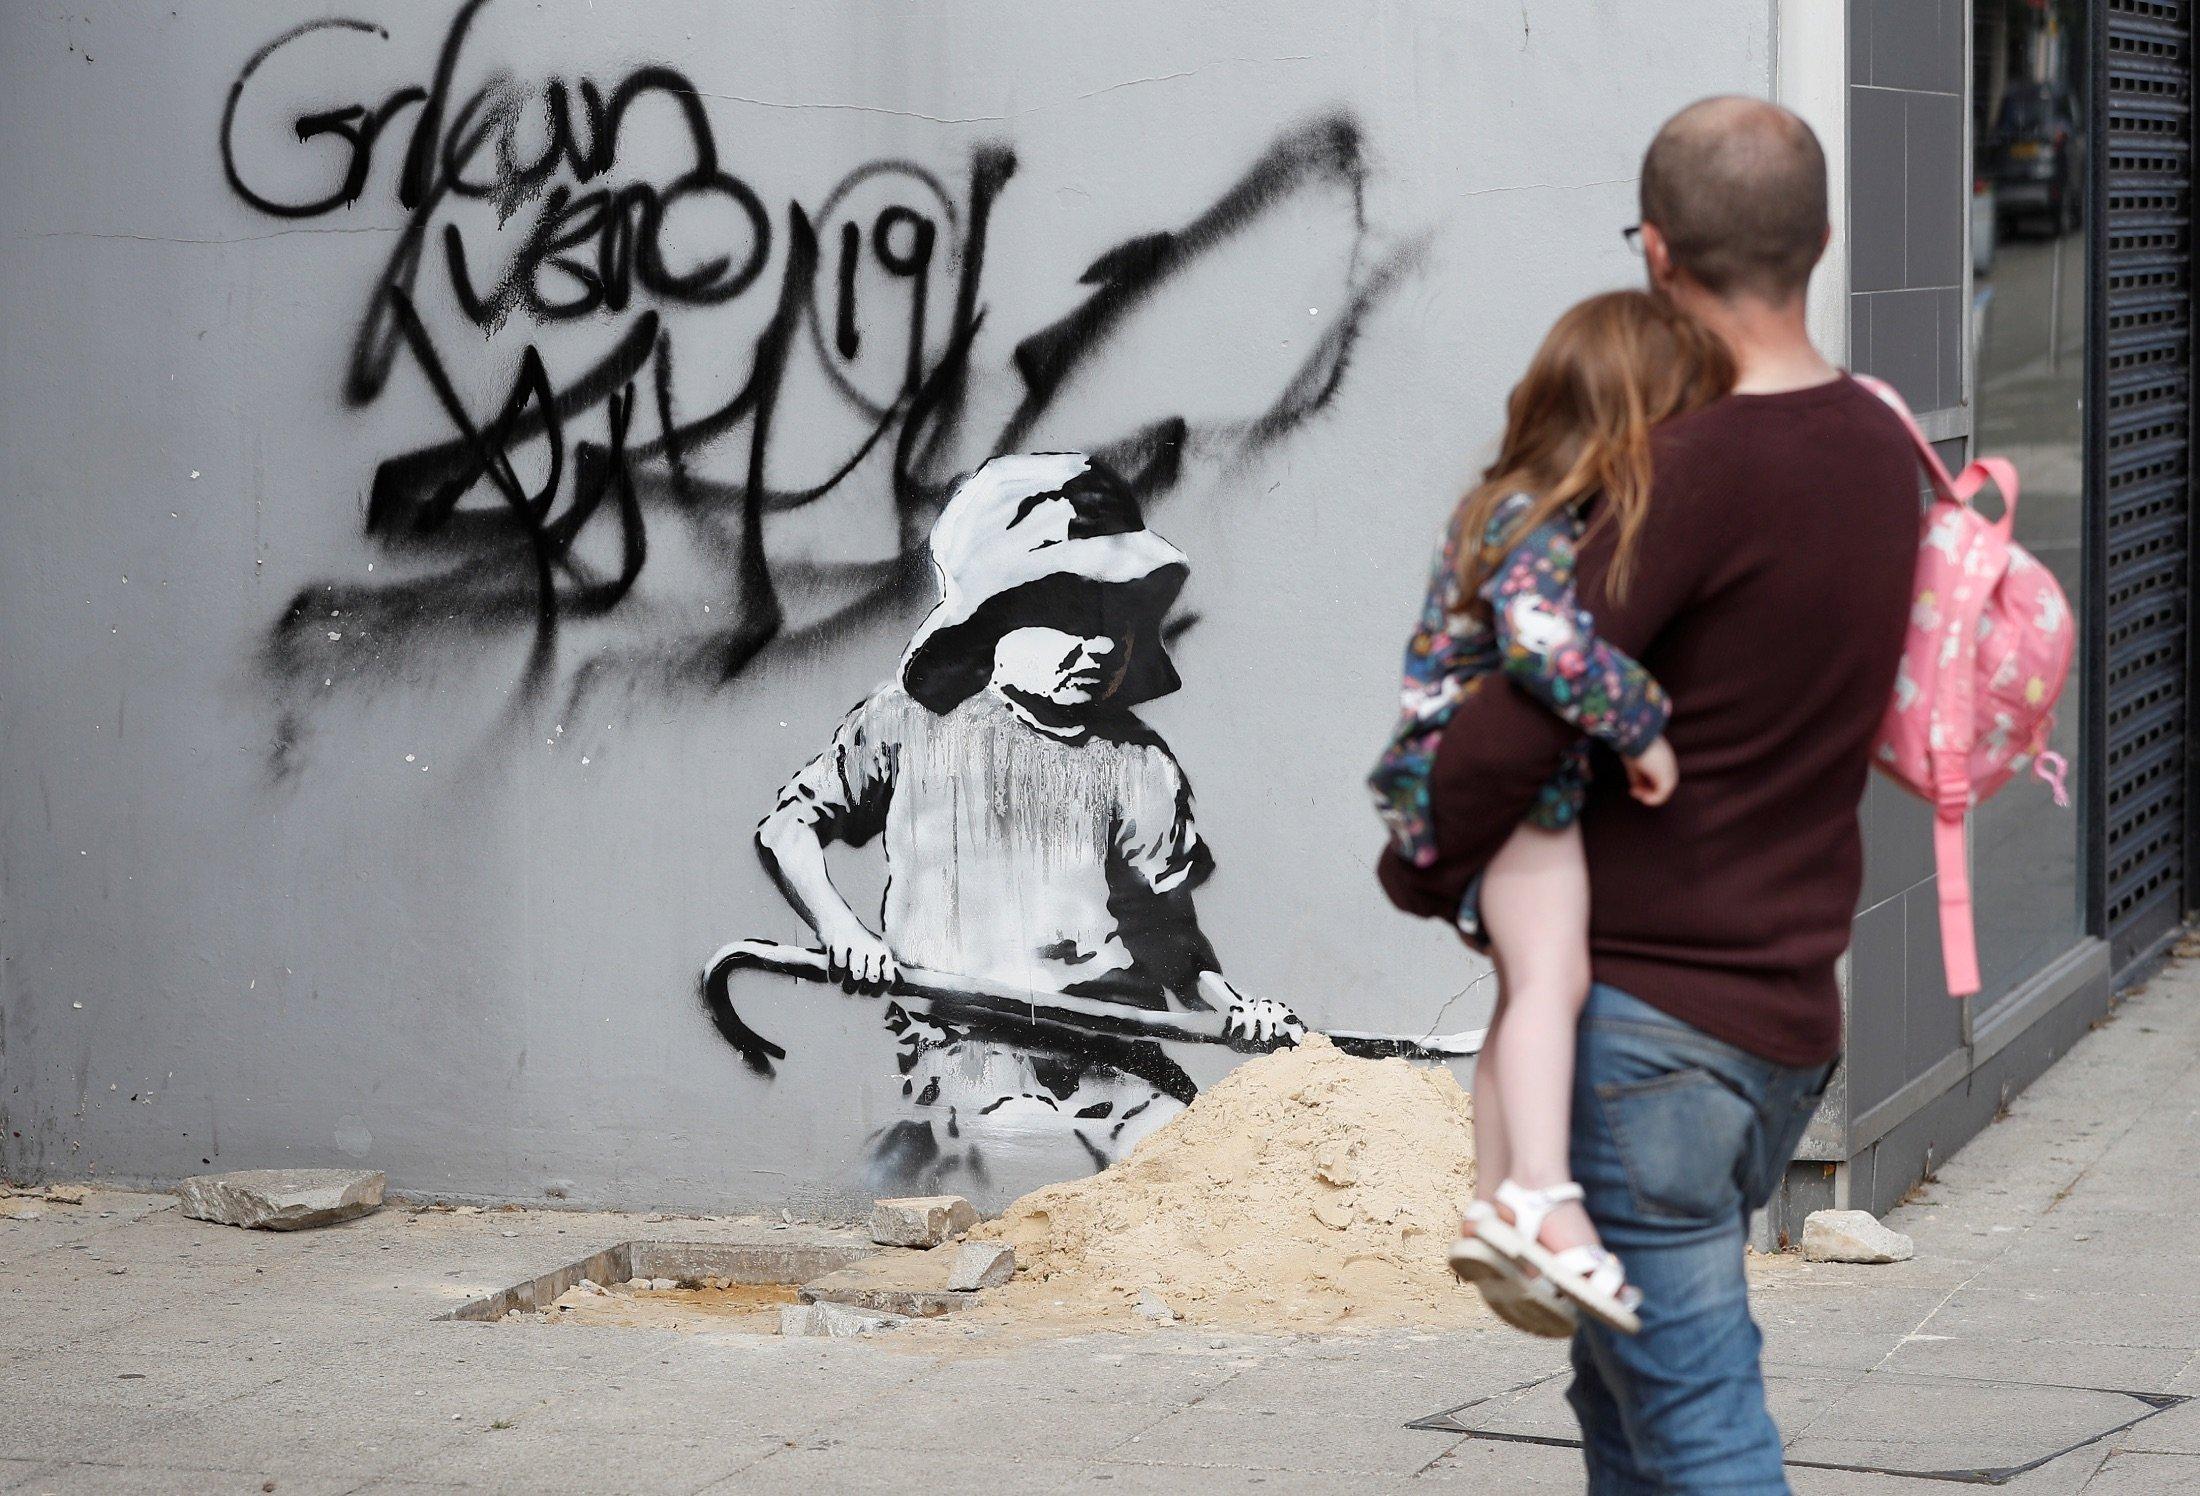 Artwork created by Banksy is seen in Lowestoft, U.K., Aug. 8, 2021. (Reuters Photo)